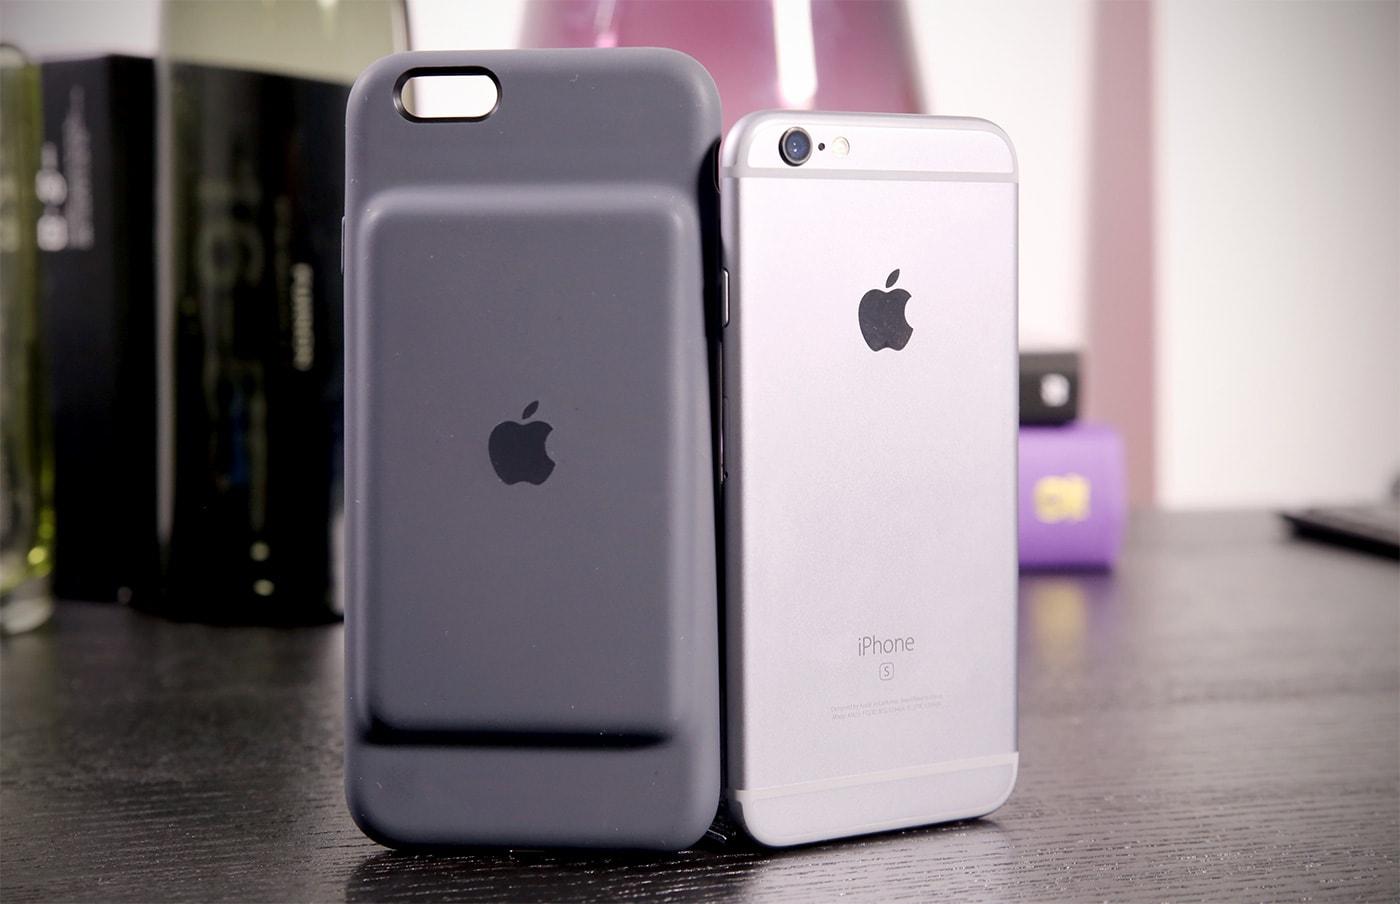 ae2387eab3e Apple tiene un nuevo accesorio con el que tentar a tu cartera y te  aseguramos que no te va a dejar indiferente. Se trata de la Smart Battery  Case, ...